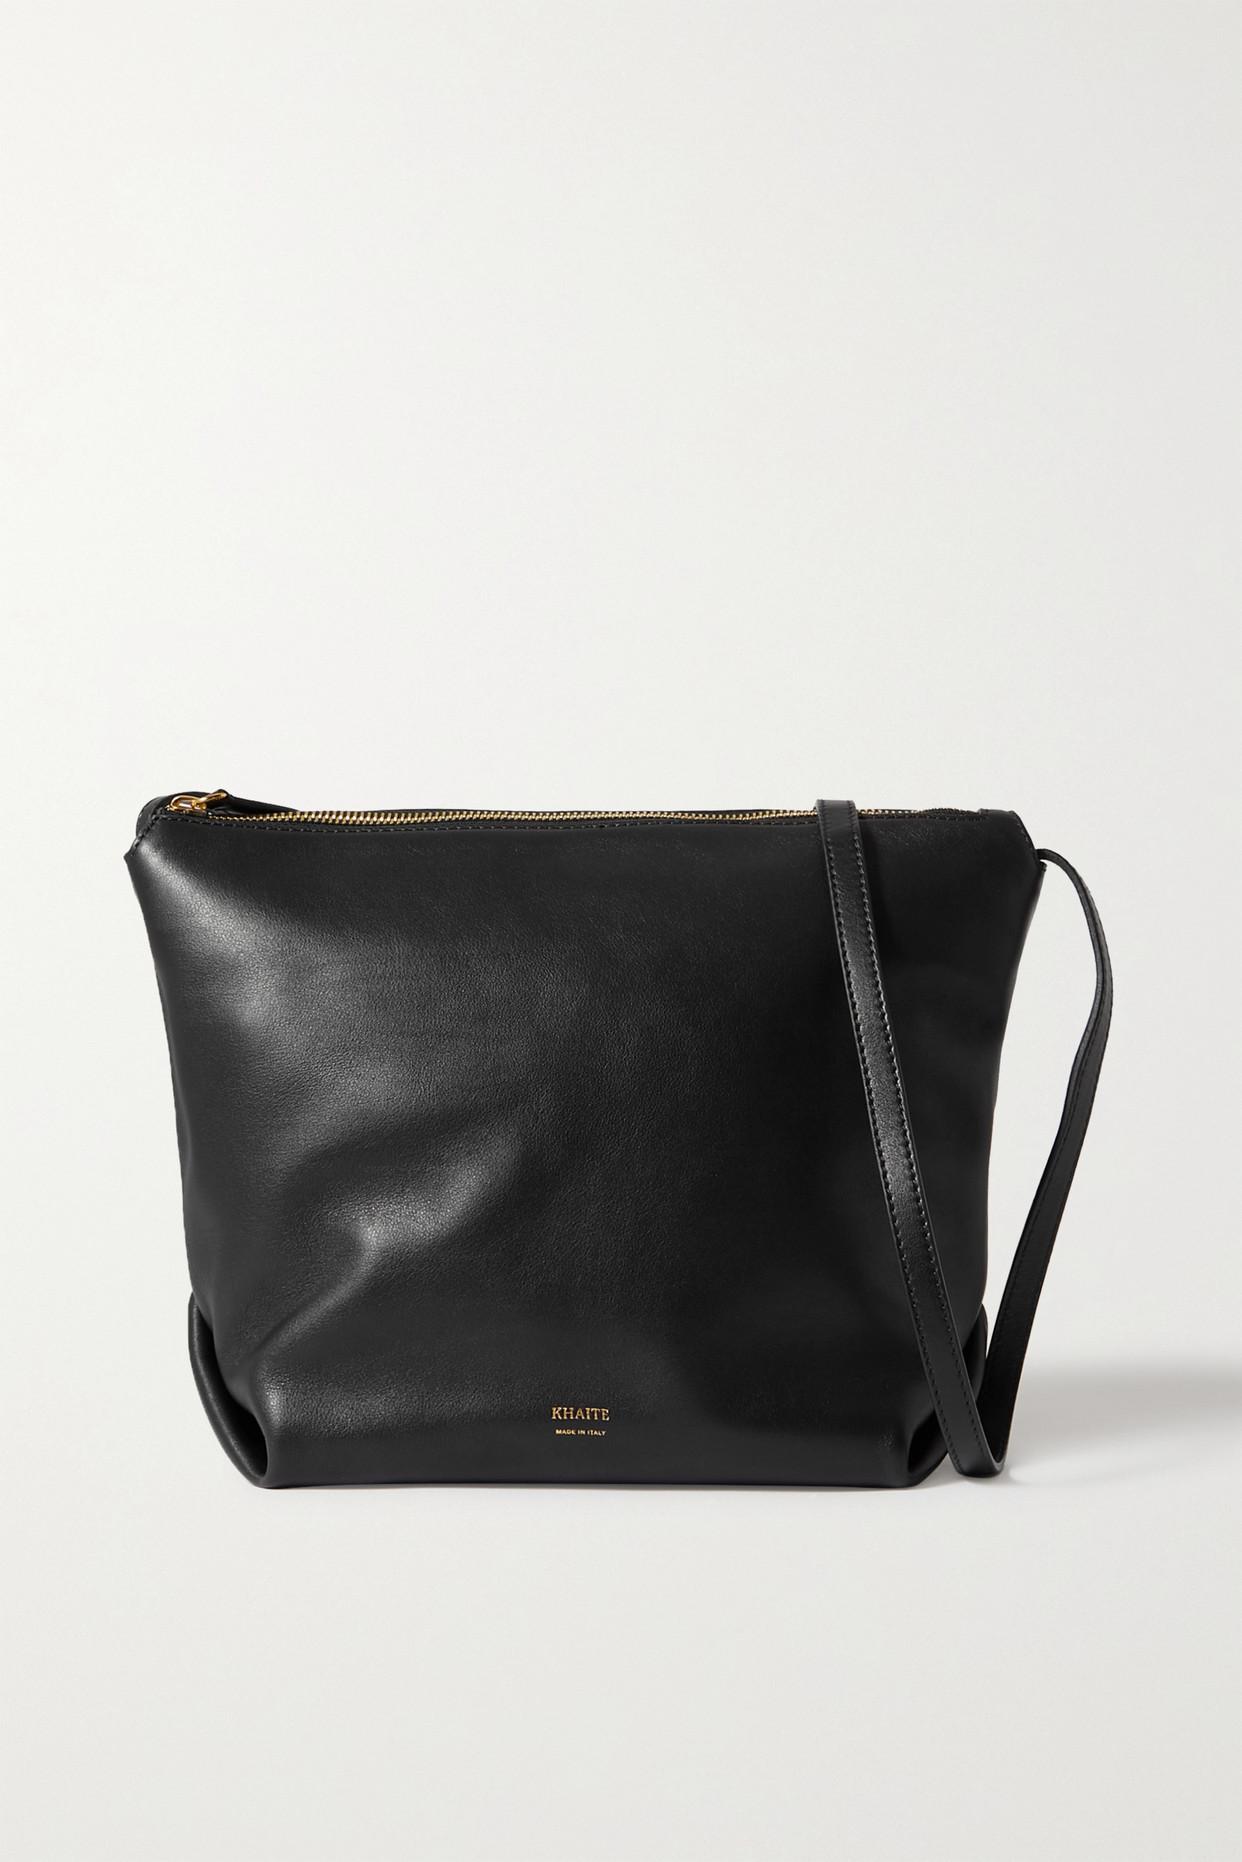 Khaite Frances Leather Shoulder Bag In Black